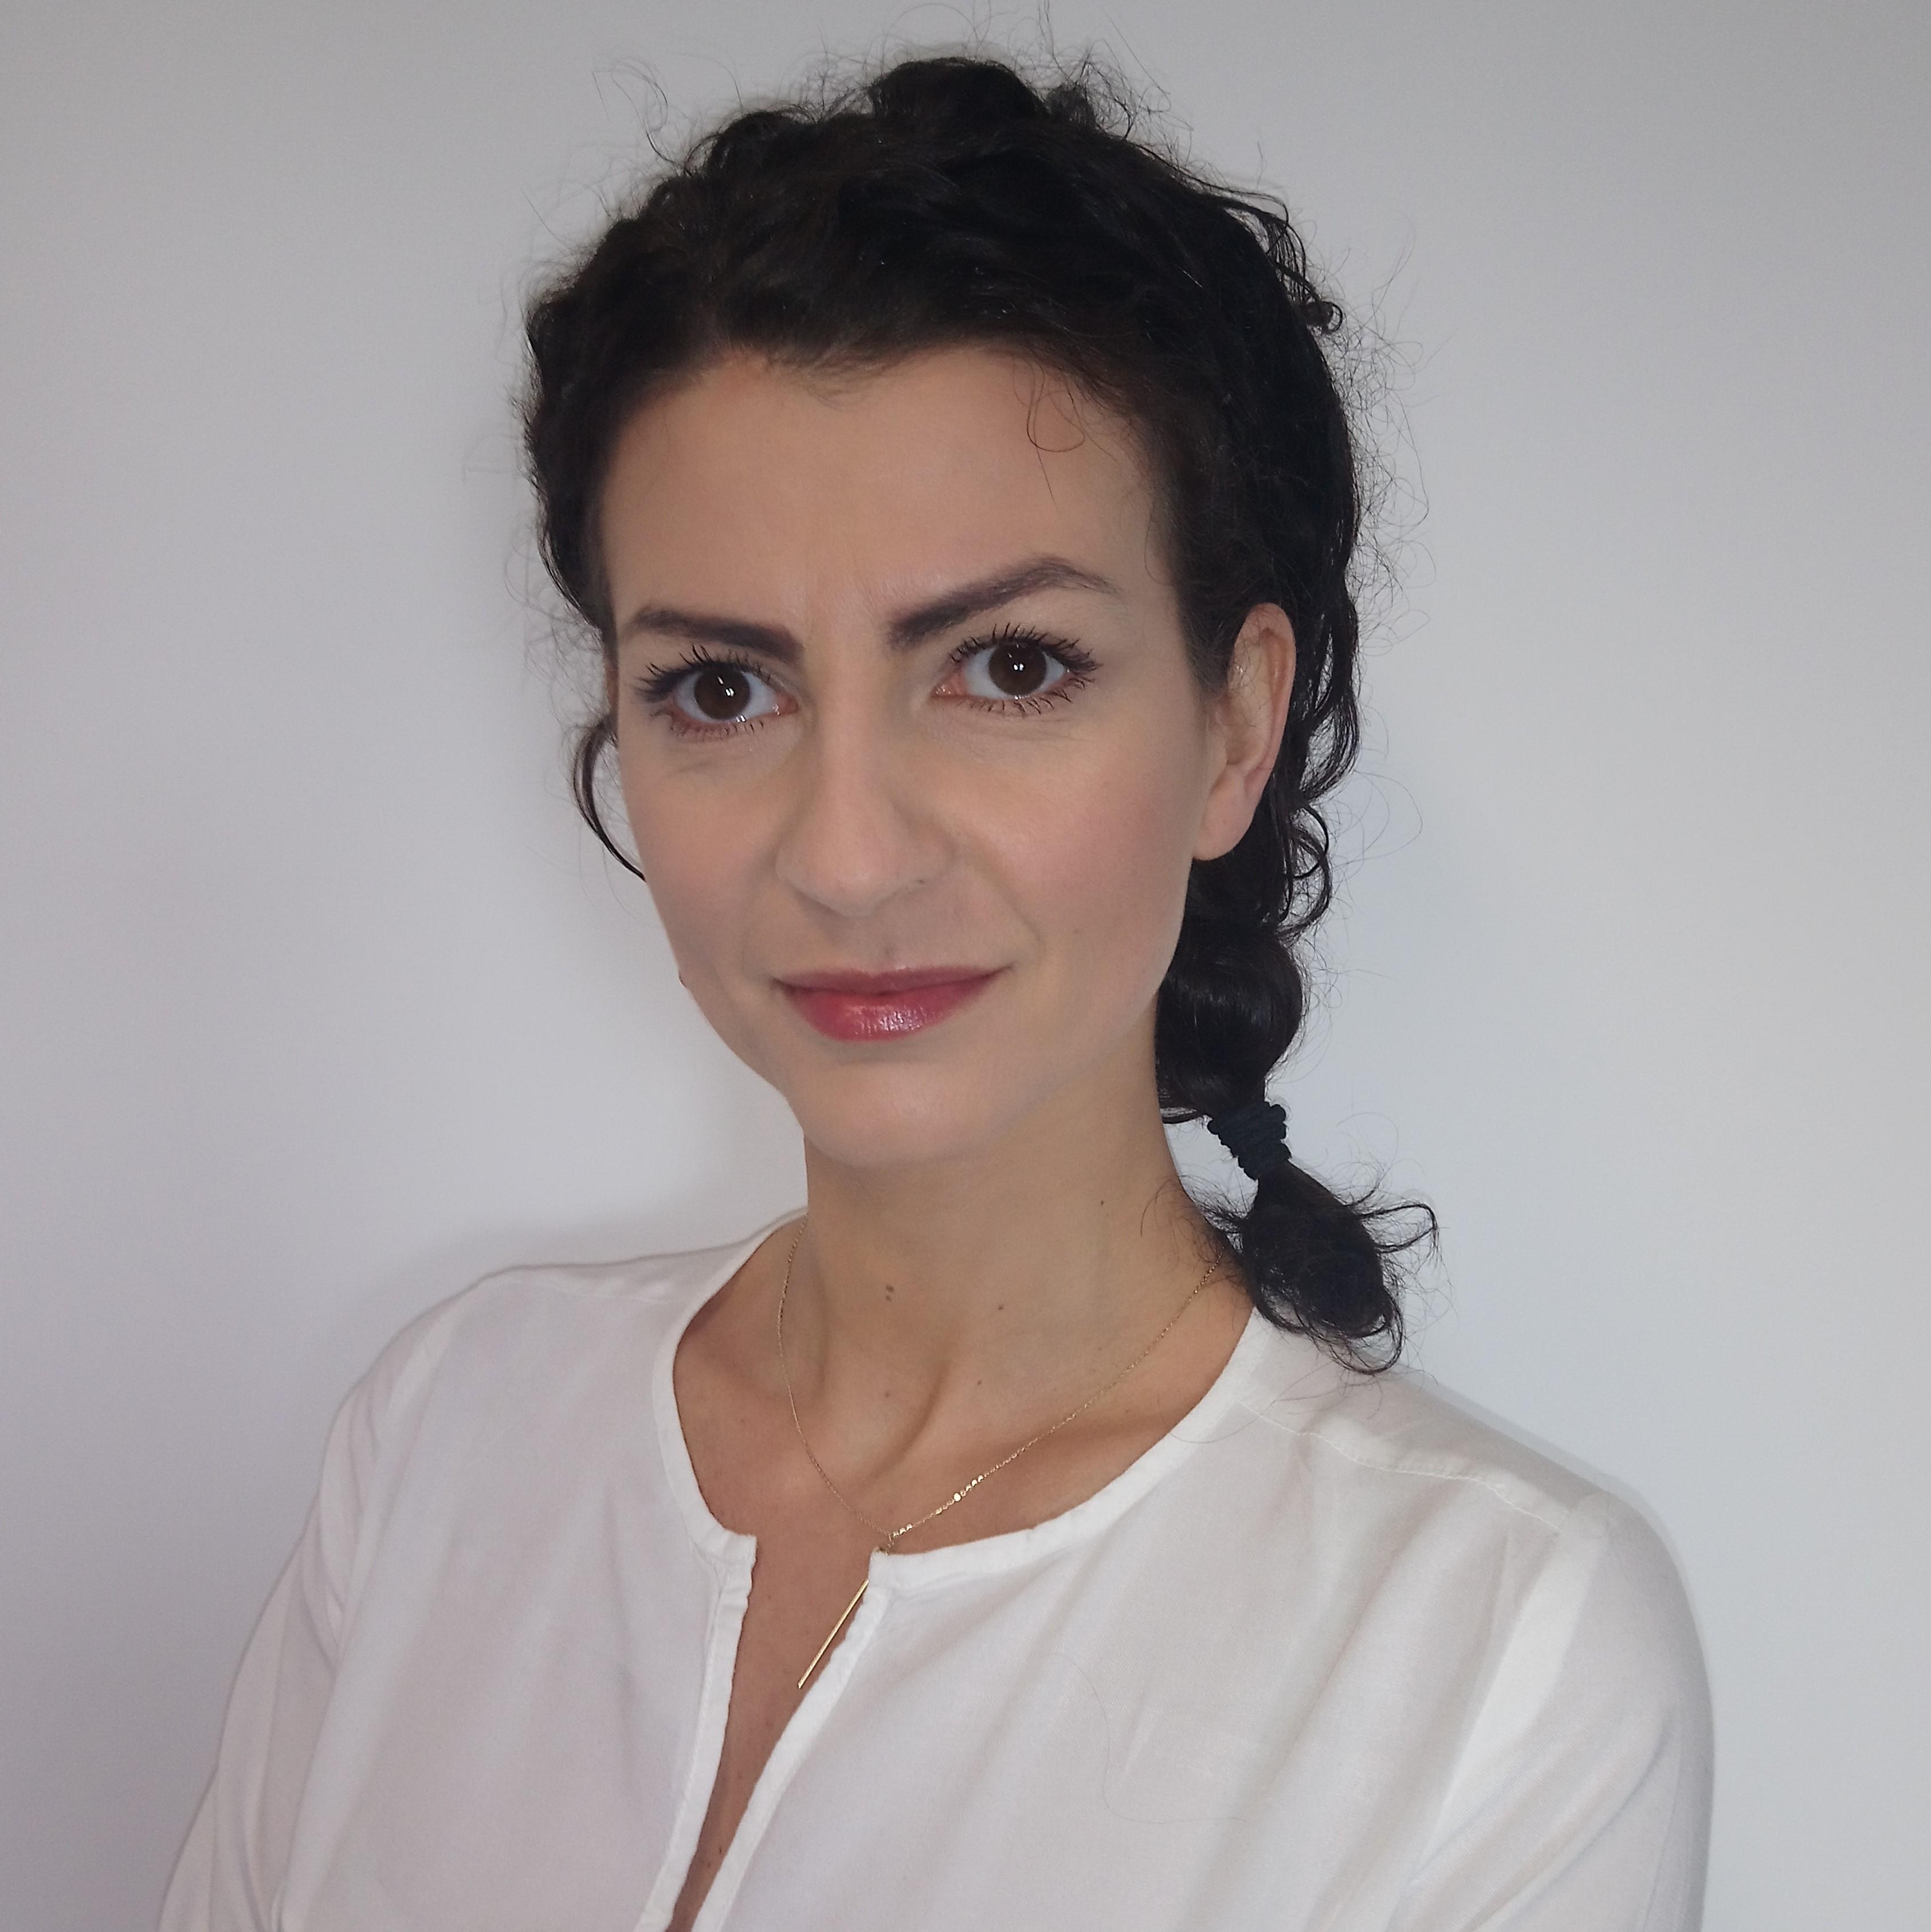 Ewa Szcząchor